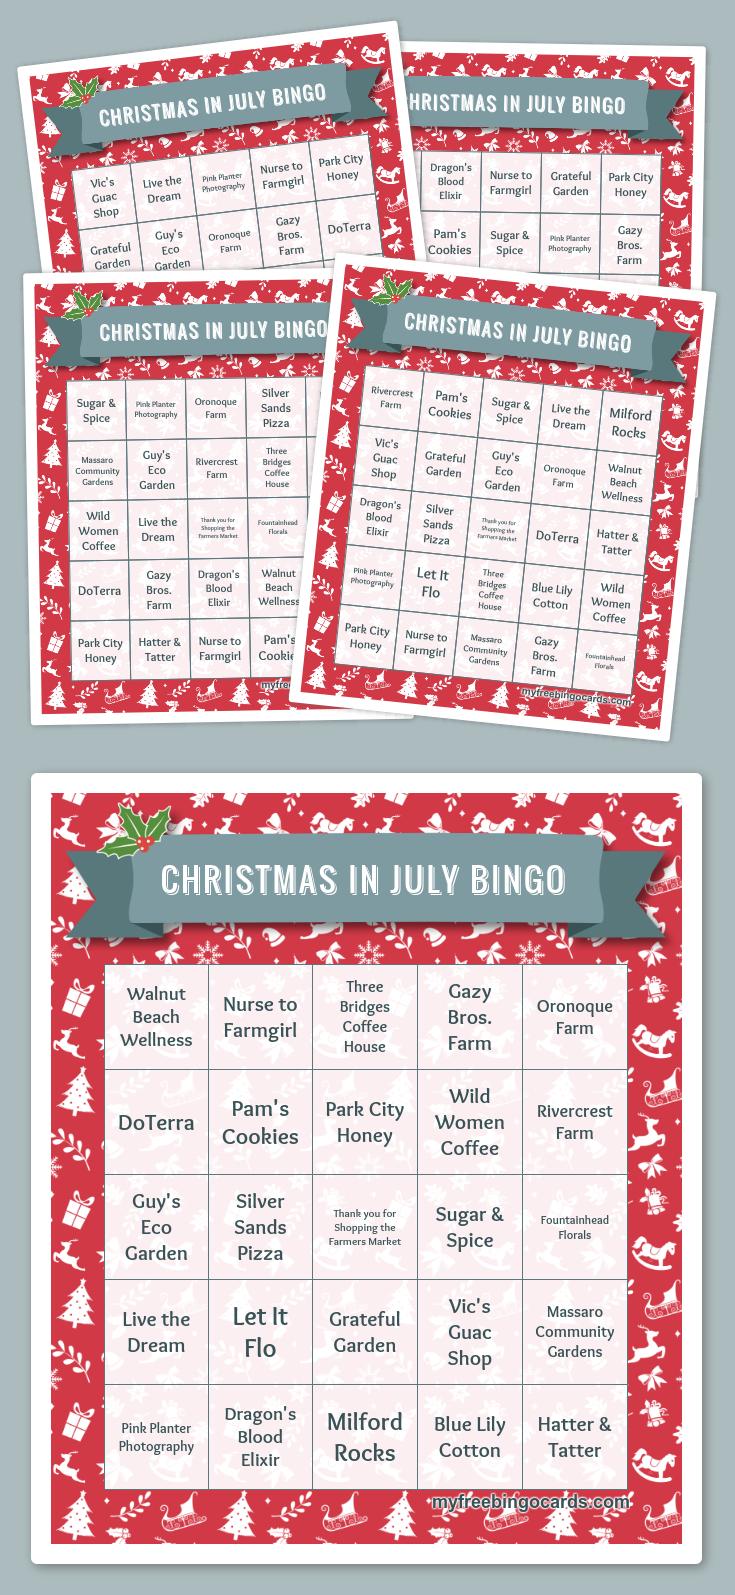 Christmas In July Bingo Free Printable Bingo Cards Bingo Cards Printable Holiday Bingo Cards